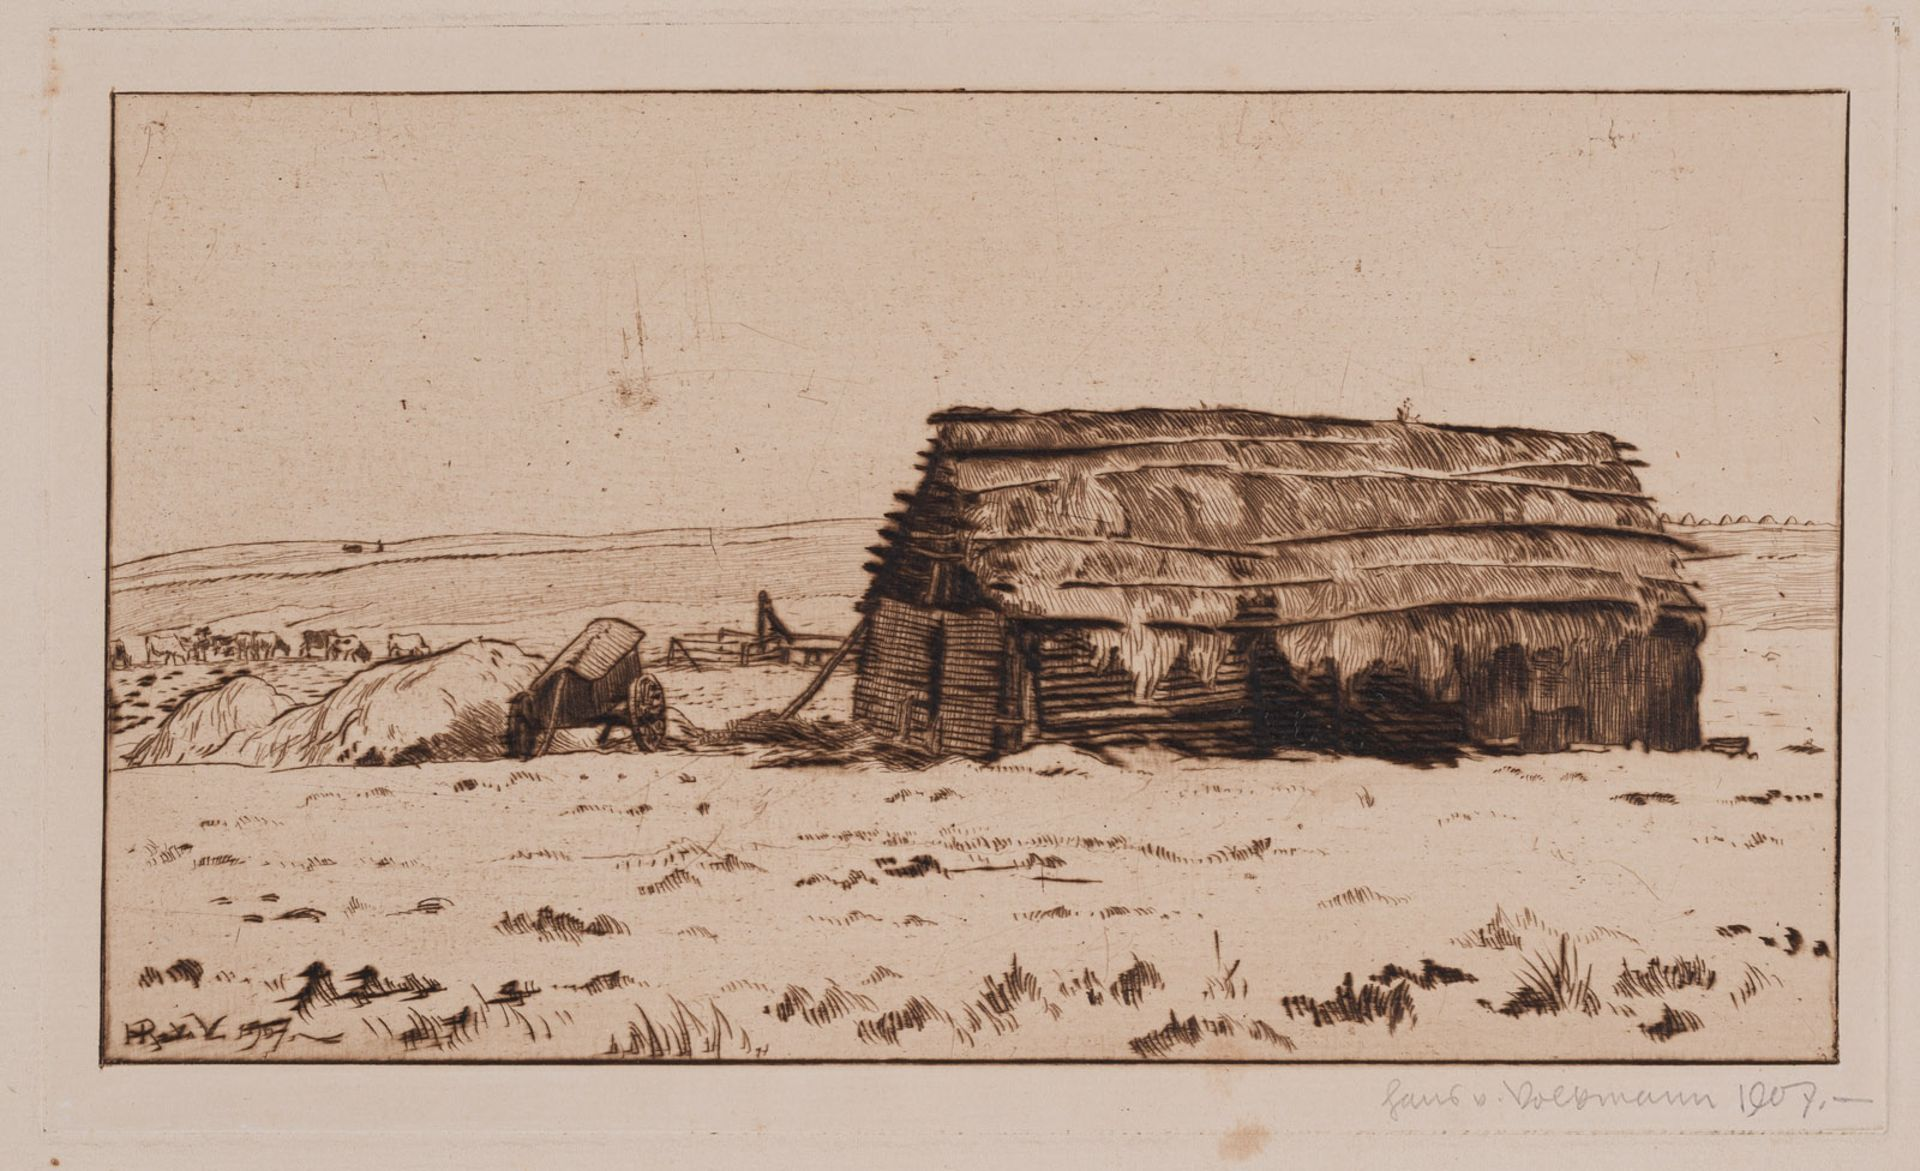 Volkmann, Hans Richard von - Image 6 of 10